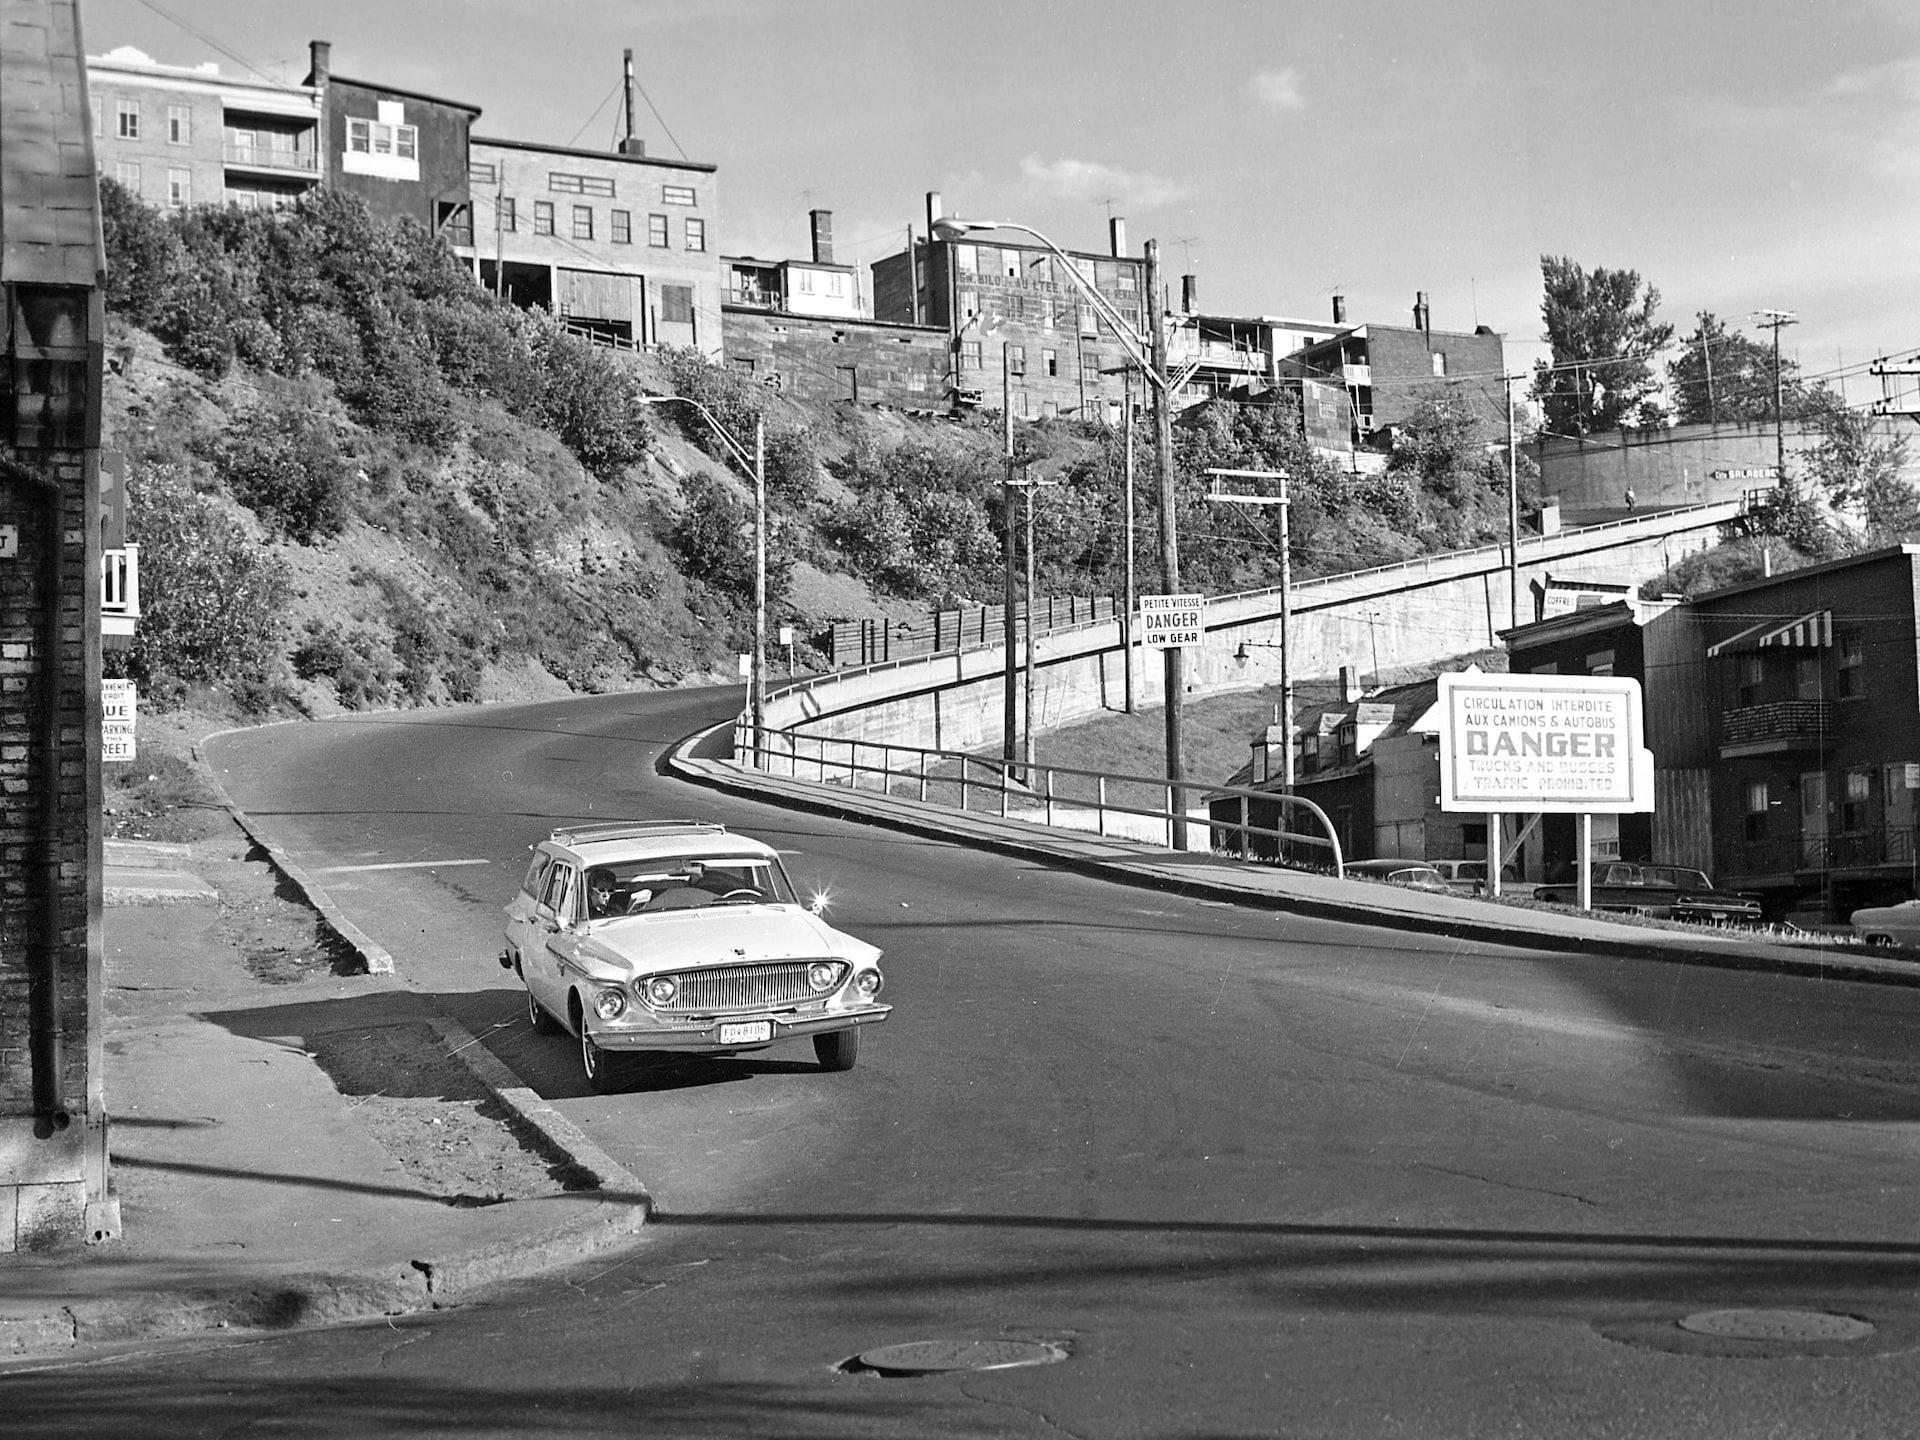 Une voiture solitaire prend le virage en bas de la côte Salaberry, par une journée ensoleillée d'été, La photo remonte aux années 1960. Un panneau bien visible précise que les camions et les autobus ne peuvent pas y circuler.